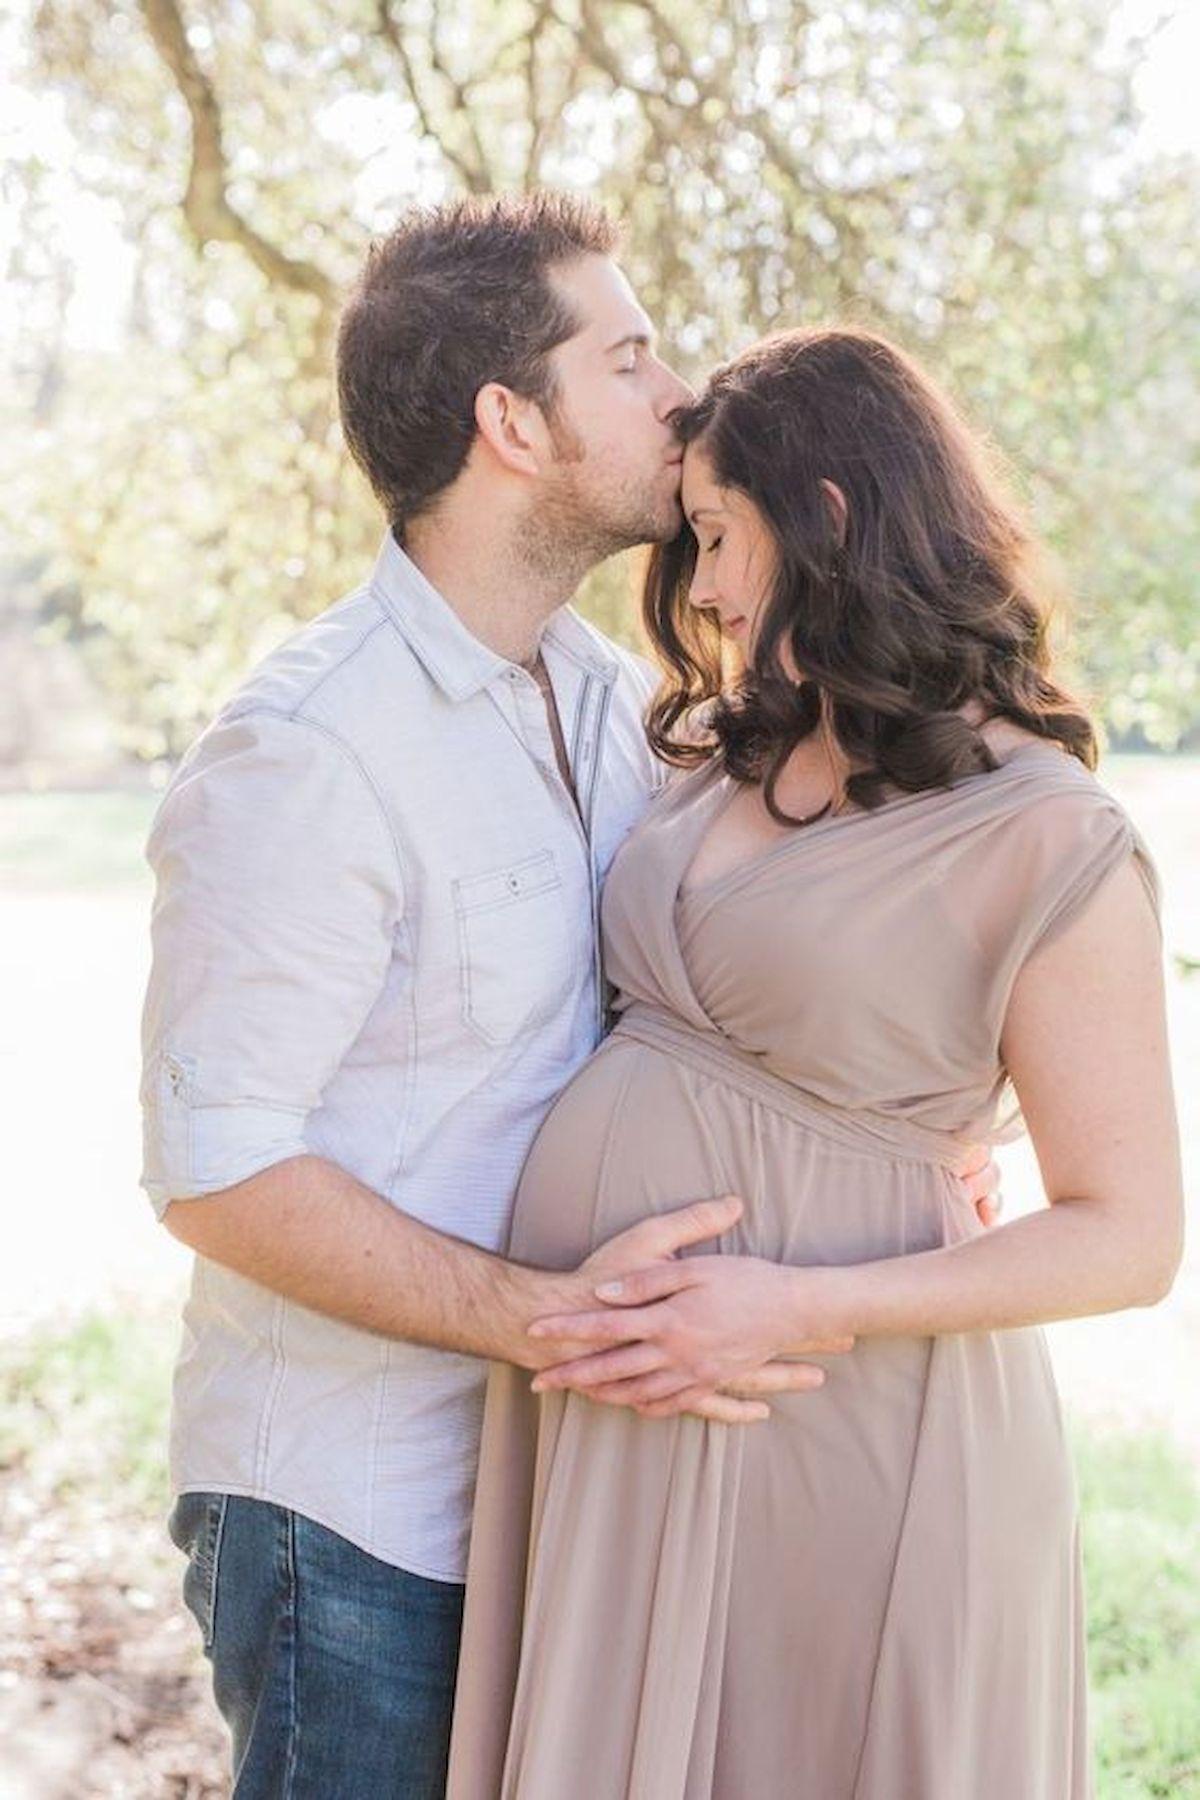 100 Romantic Pregnancy Photos Couples Ideas 42 Pregnancy Photos Couples